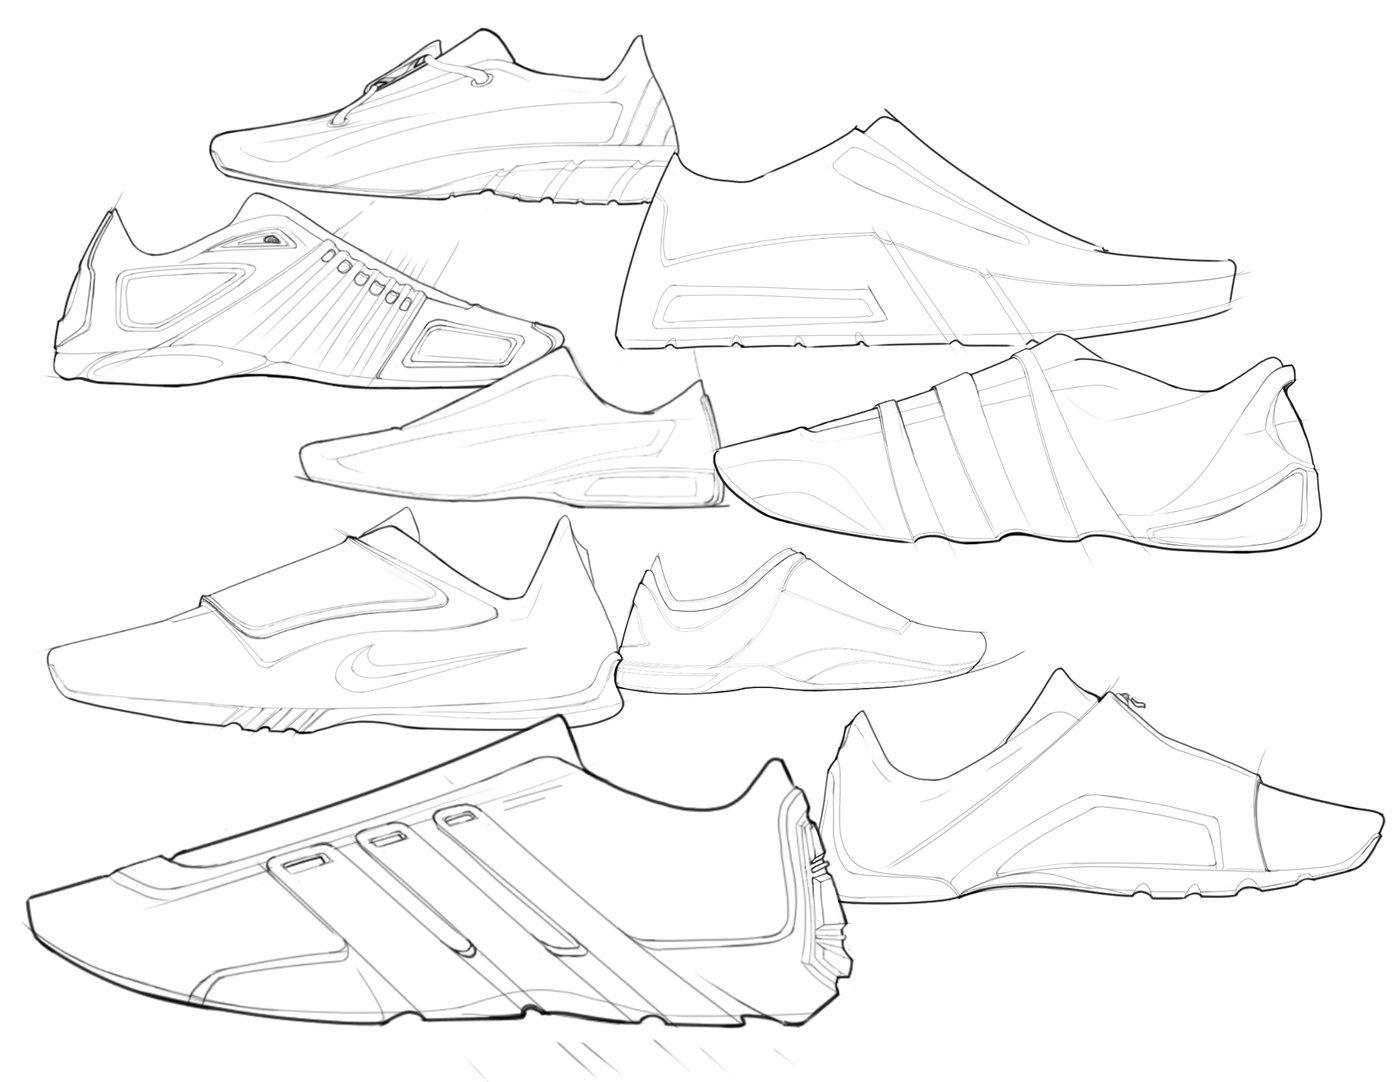 Sketching Samples By Bryan Washburn At Coroflot